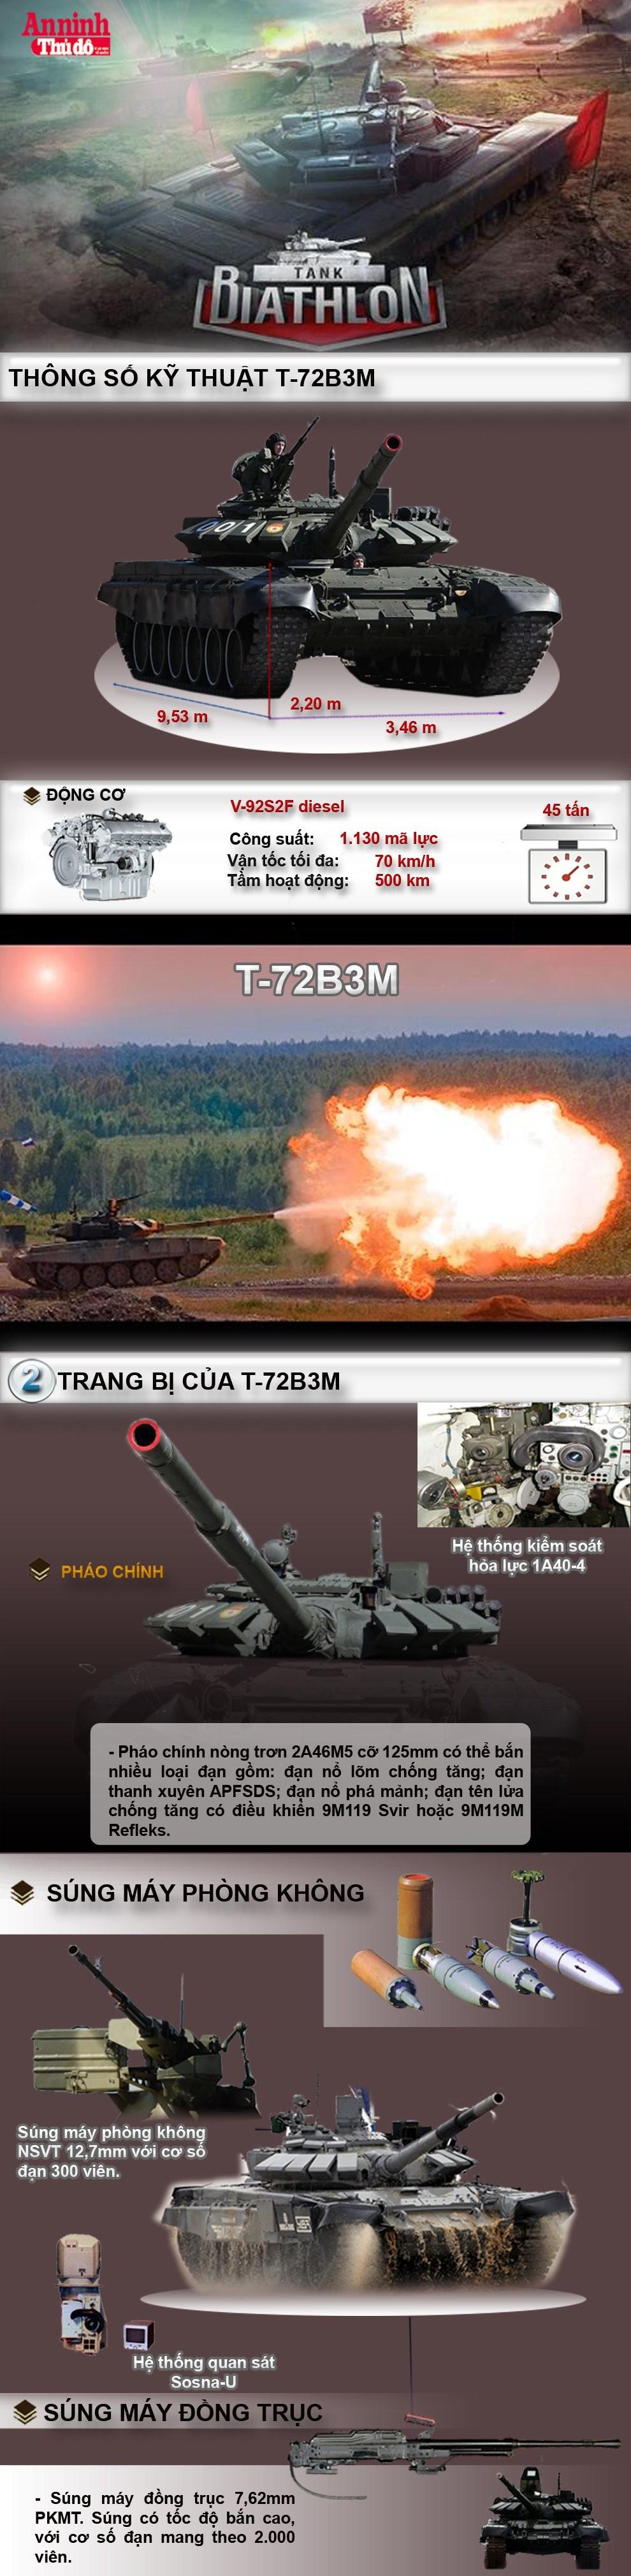 [Infographic] T-72B3M - Xe tăng chủ lực trong cuộc thi Tank Biathlon 2016 ảnh 2